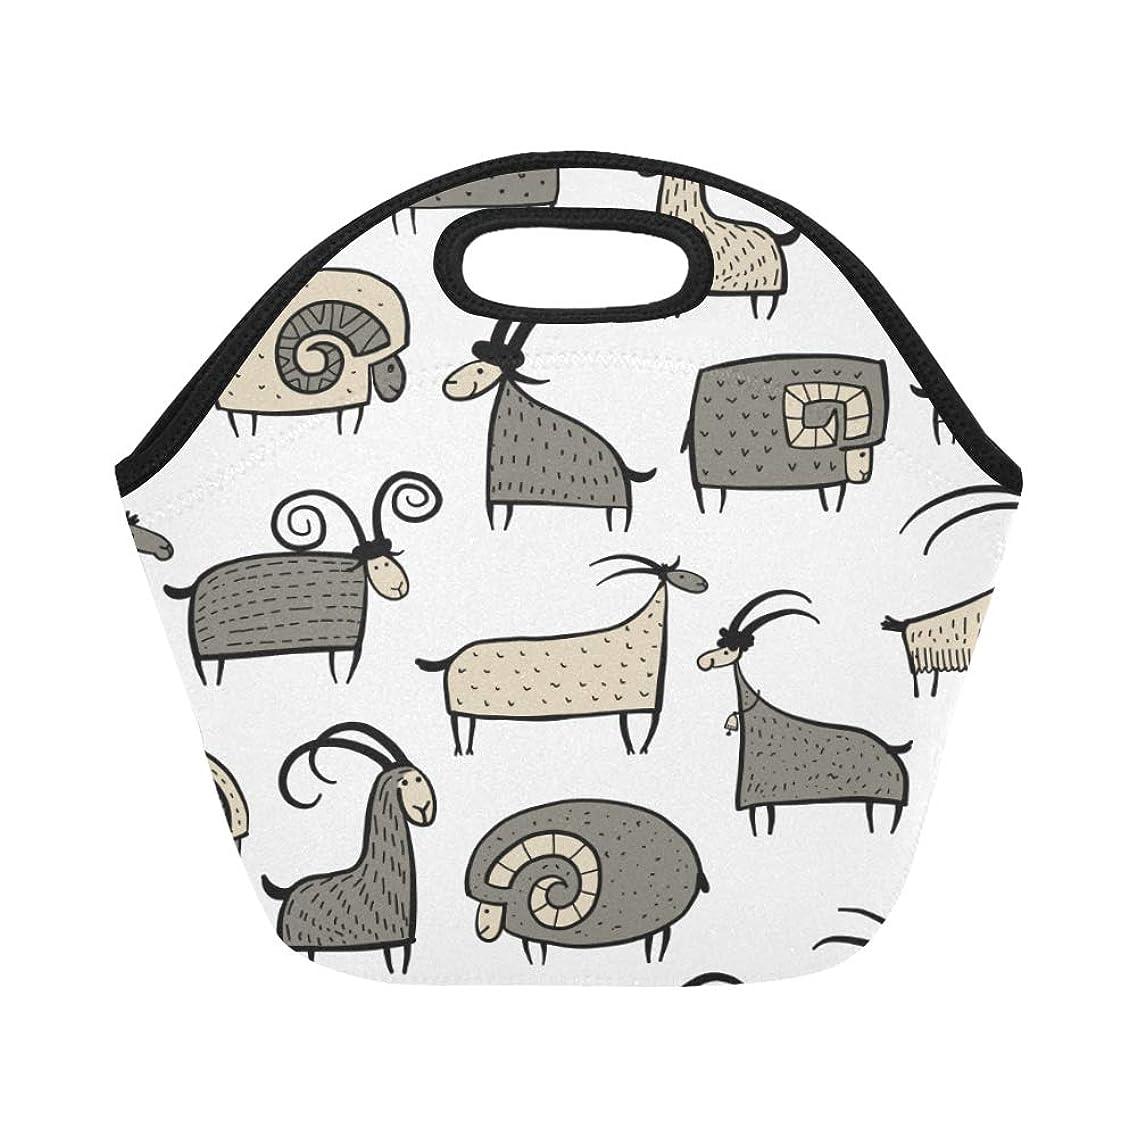 ダンスメアリアンジョーンズ逸脱XHQZJ ランチバッグ すばしこい 羊 弁当袋 お弁当入れ 保温保冷 トート 弁当バッグ 大容量 トートバッグ